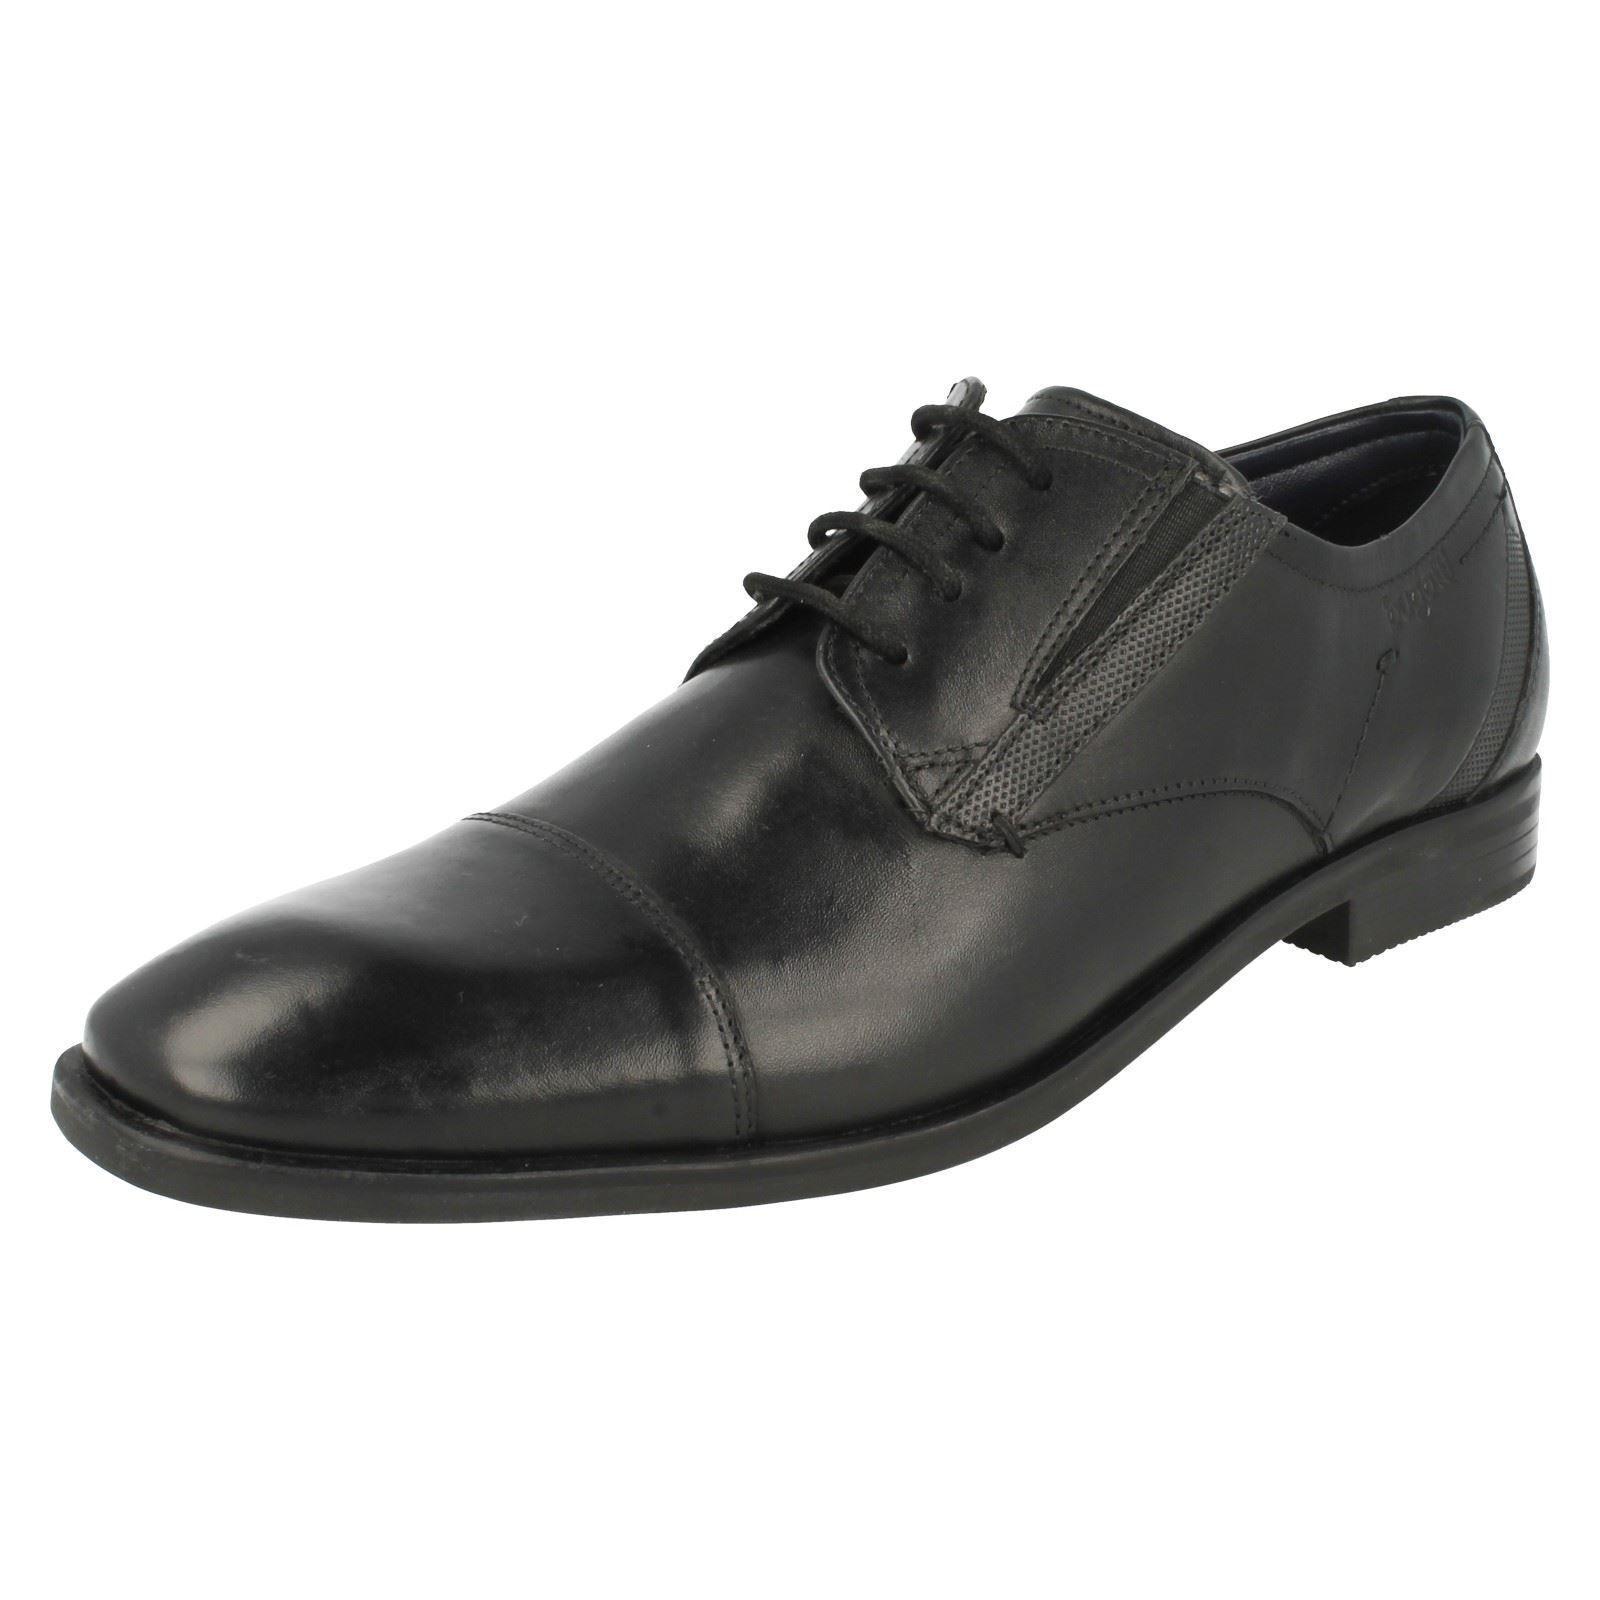 UOMO BUGATTI punta arrotondata stringate nero pelle formale casuale Scarpe classiche da uomo